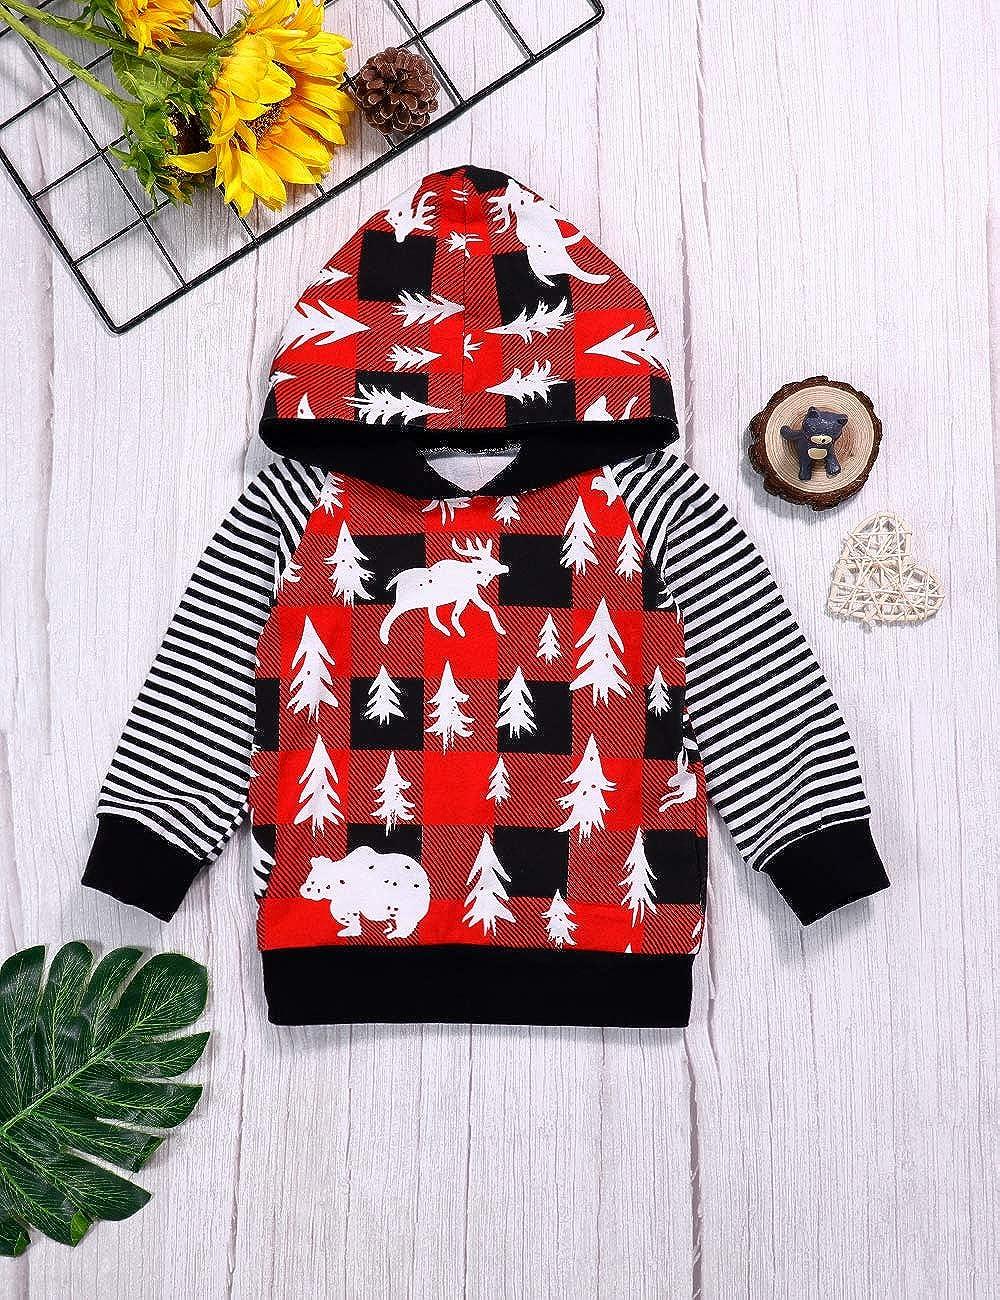 Bambini Neonati Baby Boy Vestiti Albero di Natale Alce 2 PEC Outfits a Maniche Lunghe Felpa con Cappuccio Tops e Pantaloni Sets.